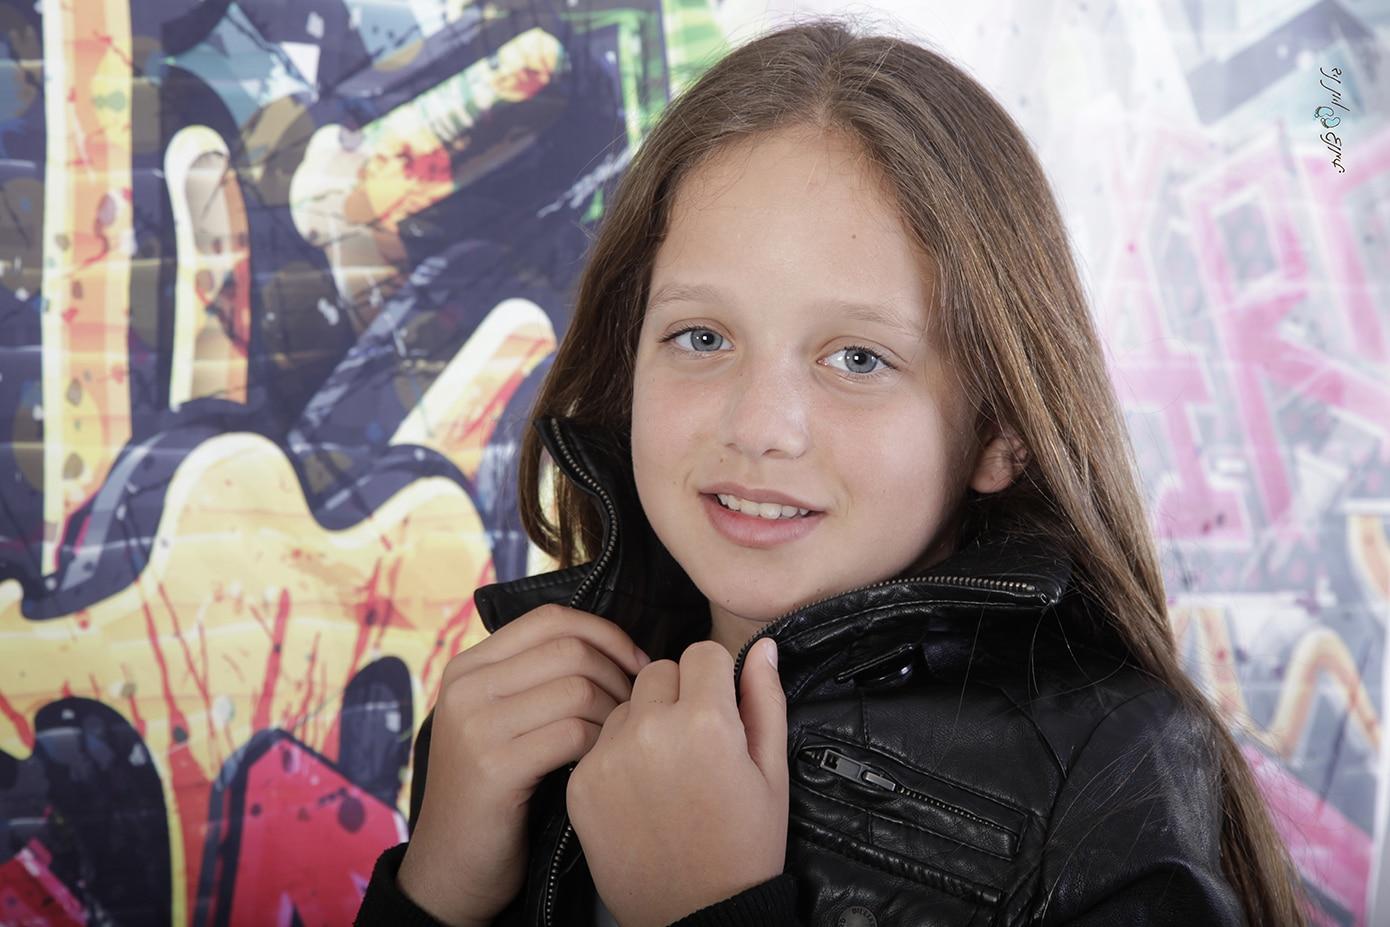 בוק בת מצווה לעמית - סטודיו גיל לוין (9)